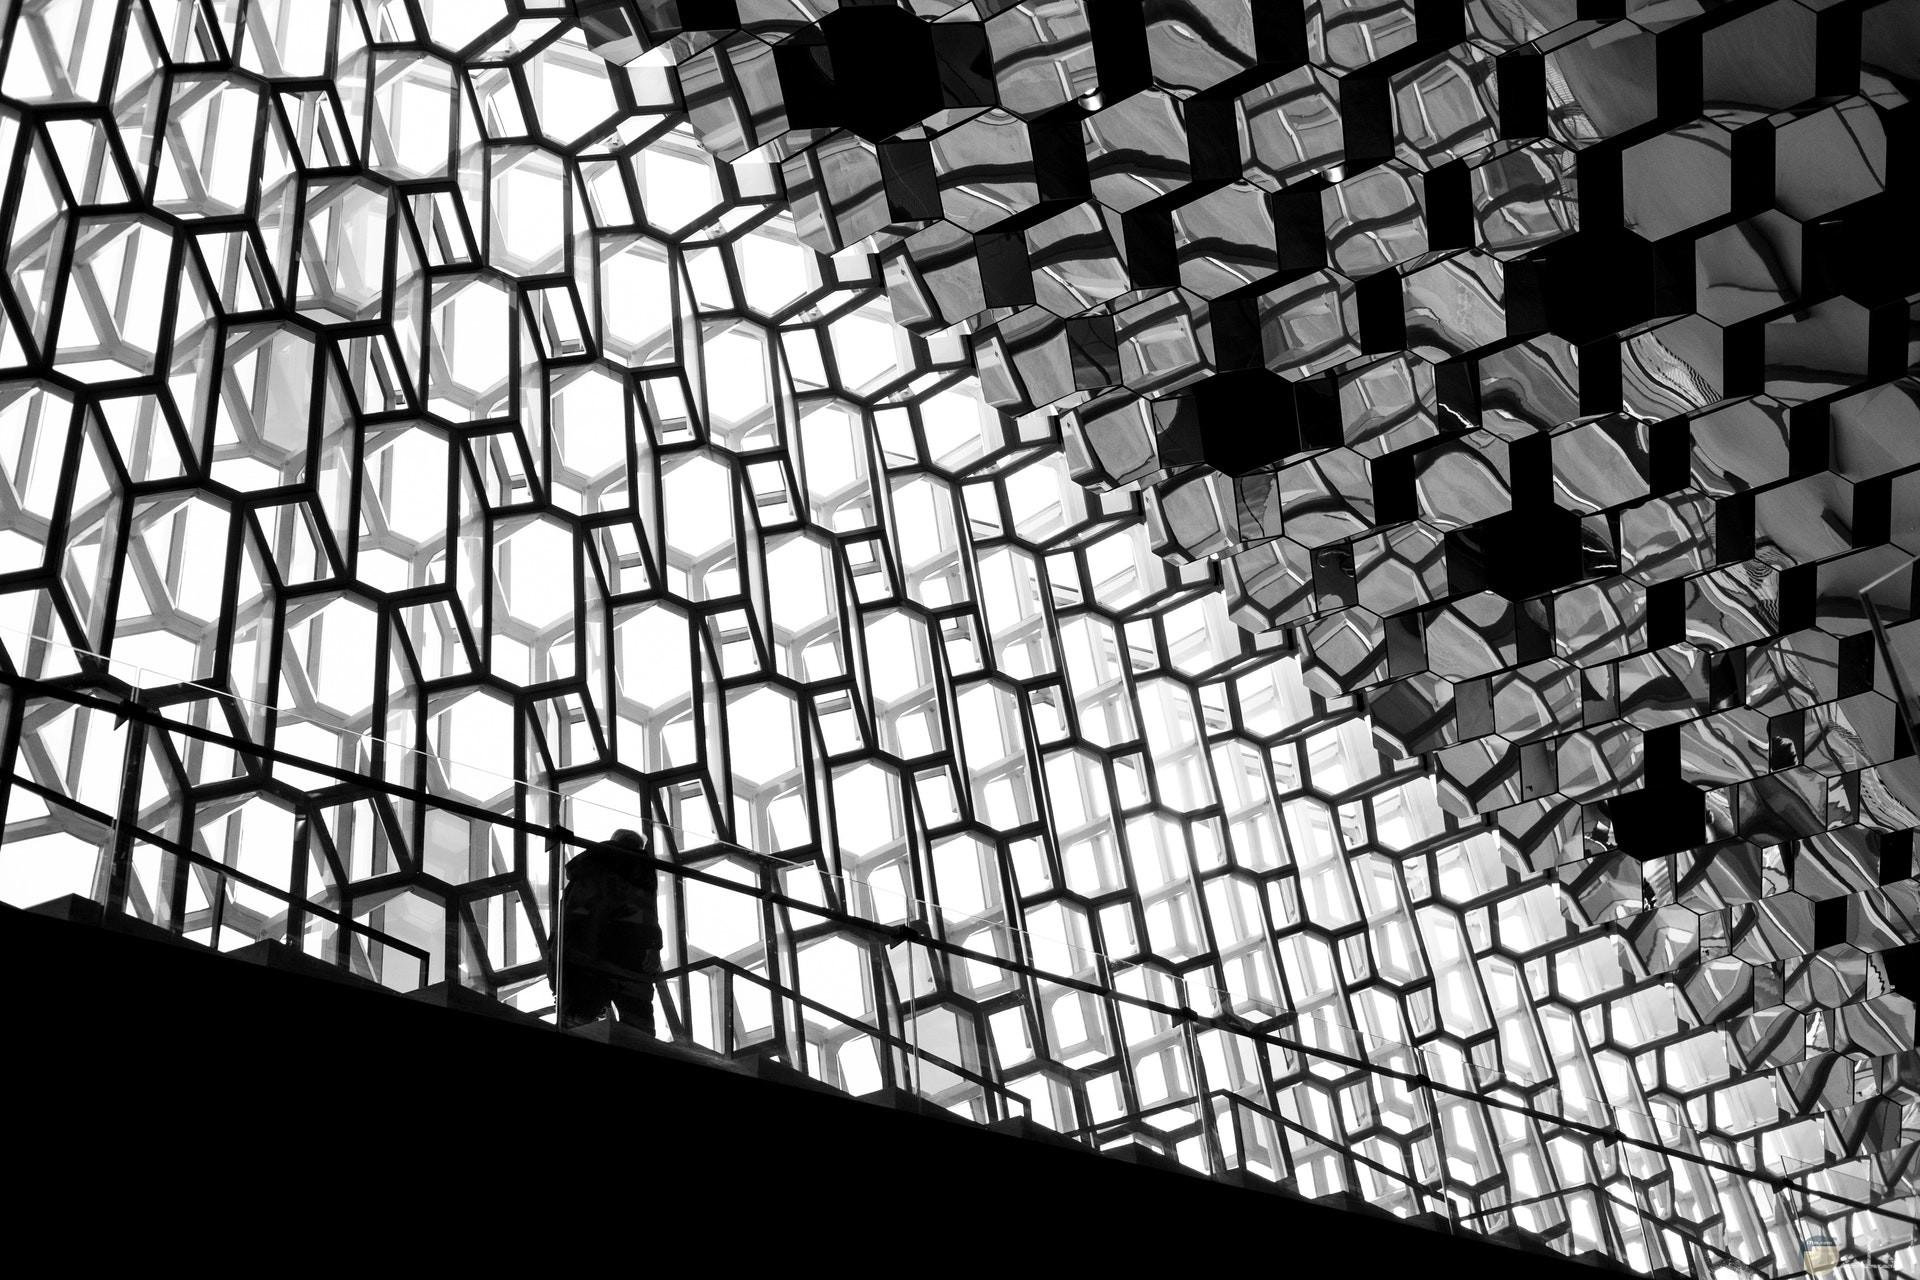 صورة غريبة جدا لتصميم مبني ورجل واقف علي الدرج